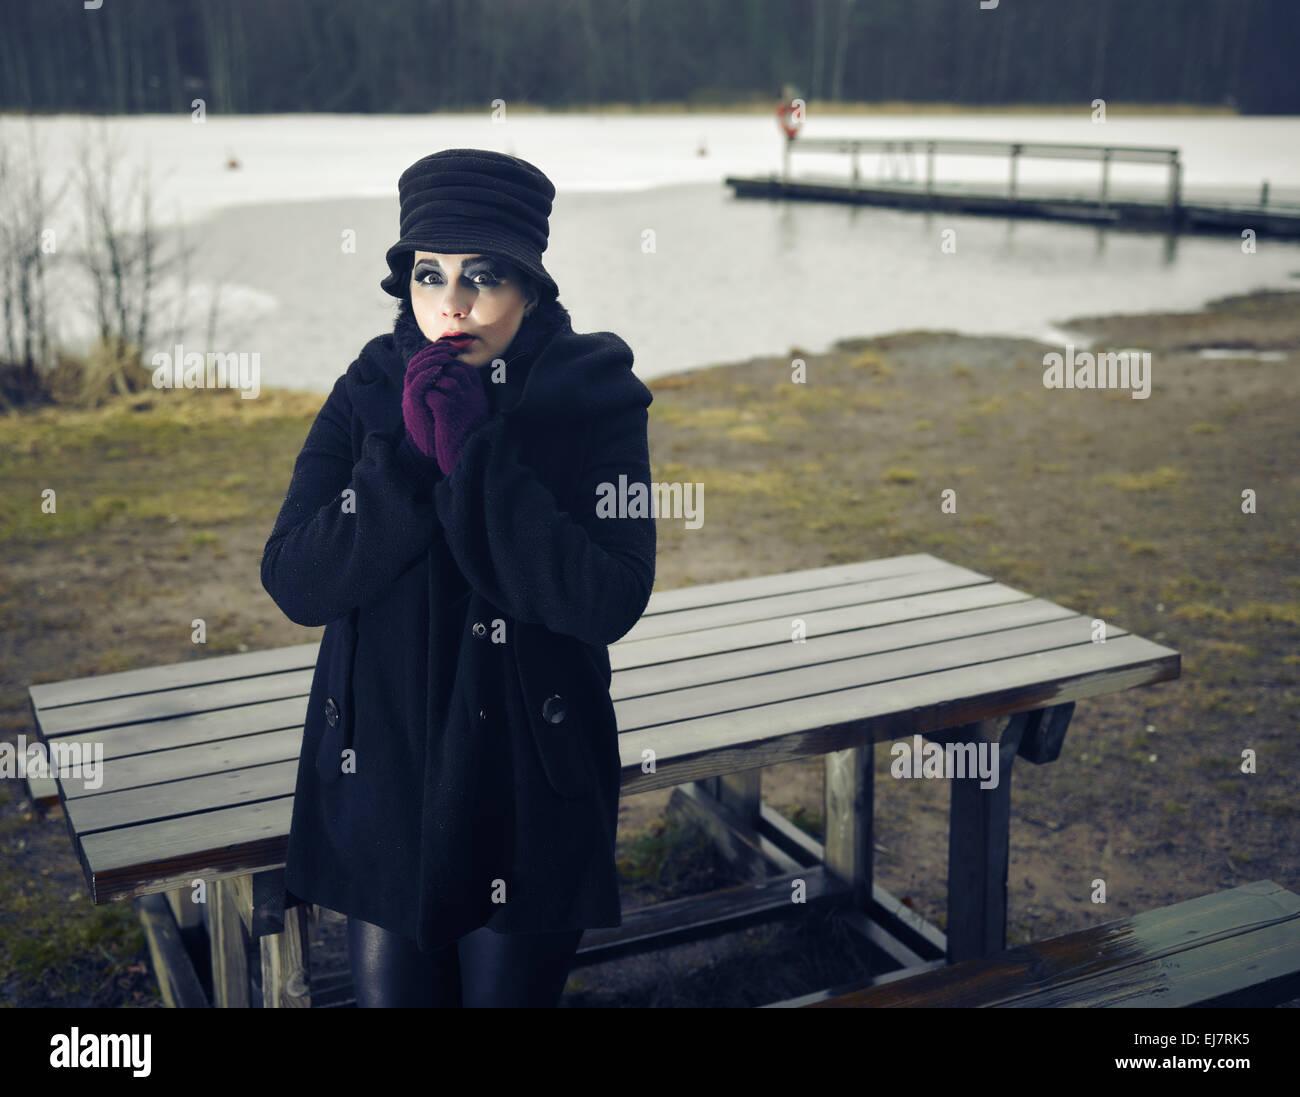 Temerosos de la moda mujer vistiendo un abrigo y sombrero y ella posando en una playa invernal, frío lluvioso, Cruz imagen procesada Foto de stock